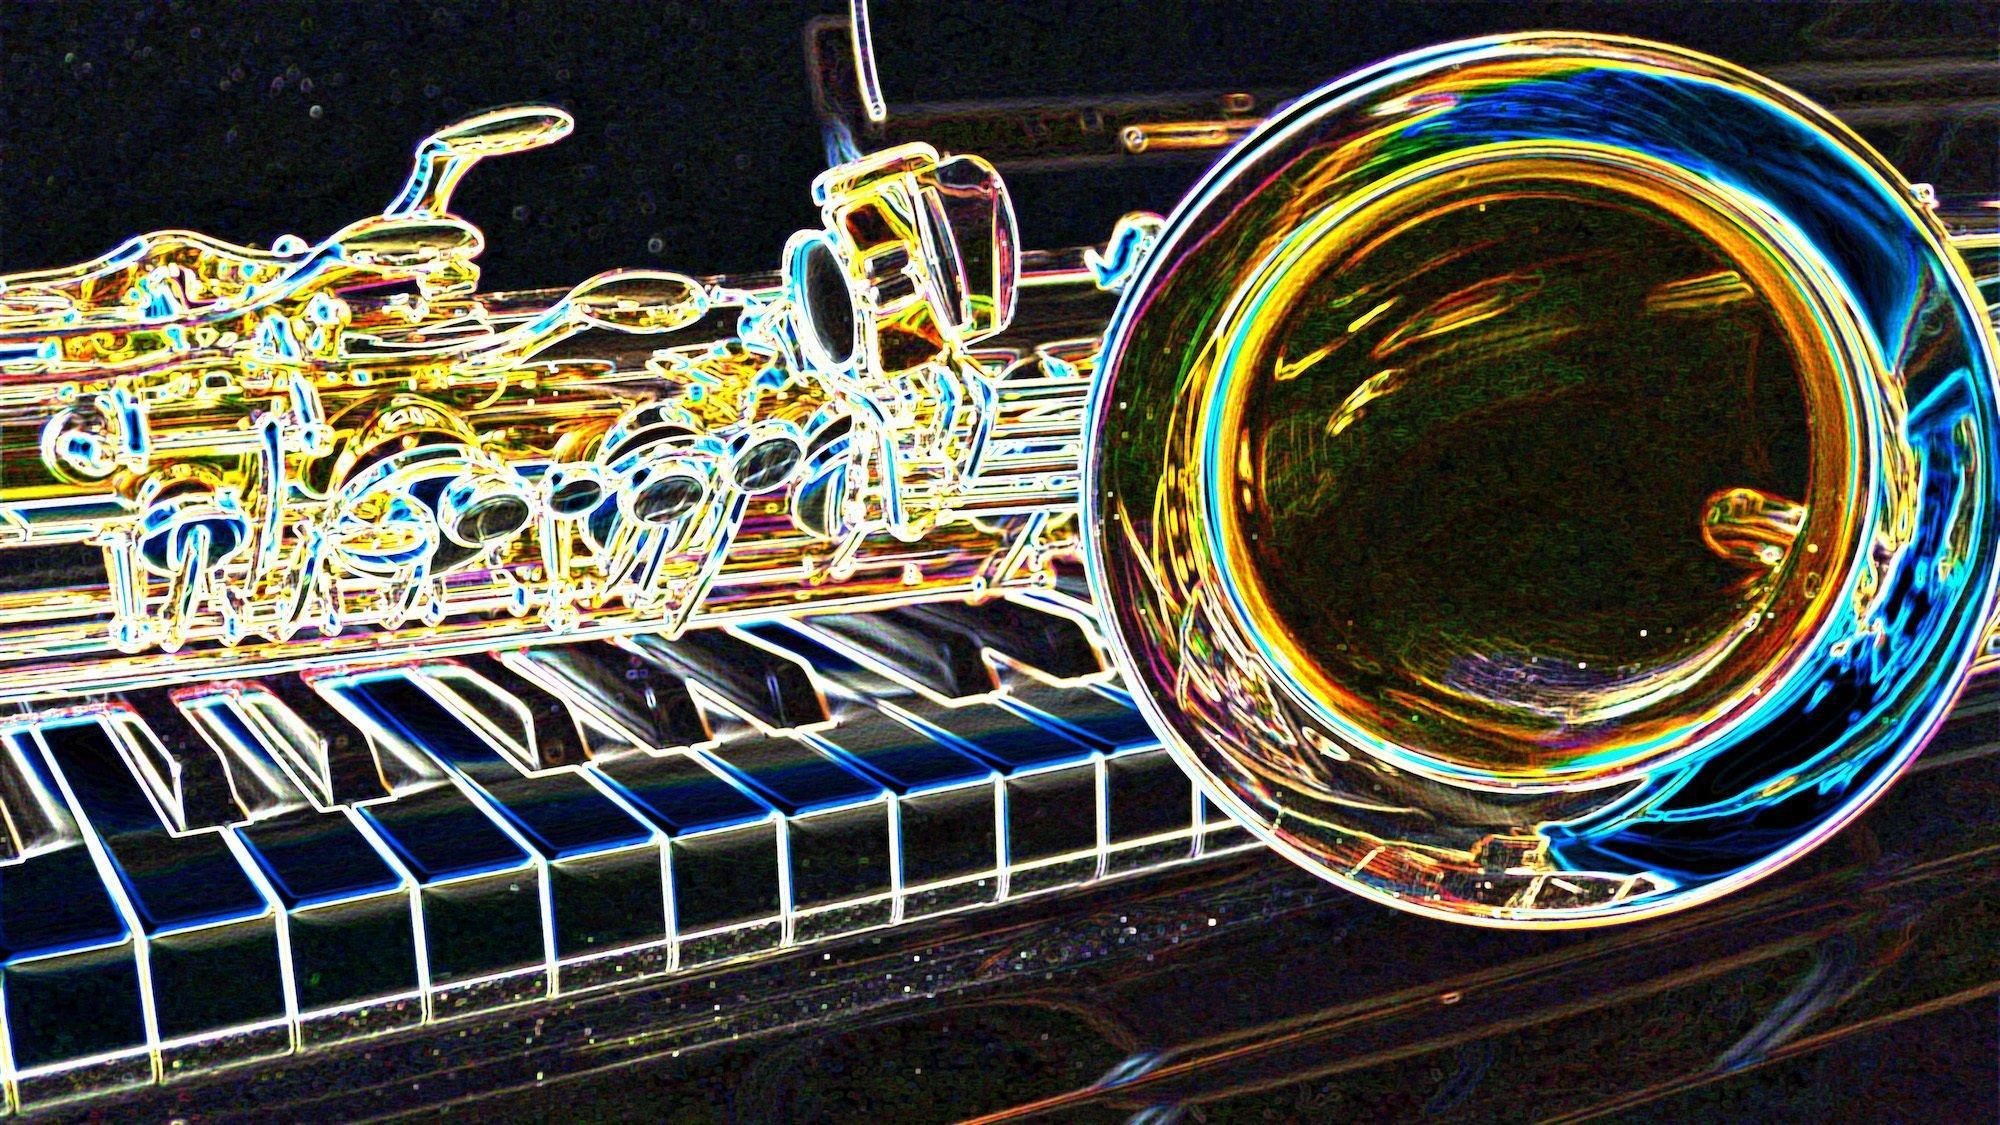 Stark verfremdete Aufnahme eines Saxophons, das auf der Tastatur eines Klaviers liegt. Ein Filter hat die Konturen auf dem Bild wie mit vielfarbigem Neonlicht verstärkt. Text dazu: Gibt es eigentlich Musik, die die Klimakrise thematisiert. Songs, die Gemeinschaft auf der Demo schaffen und Identität beim Klimaschutz?